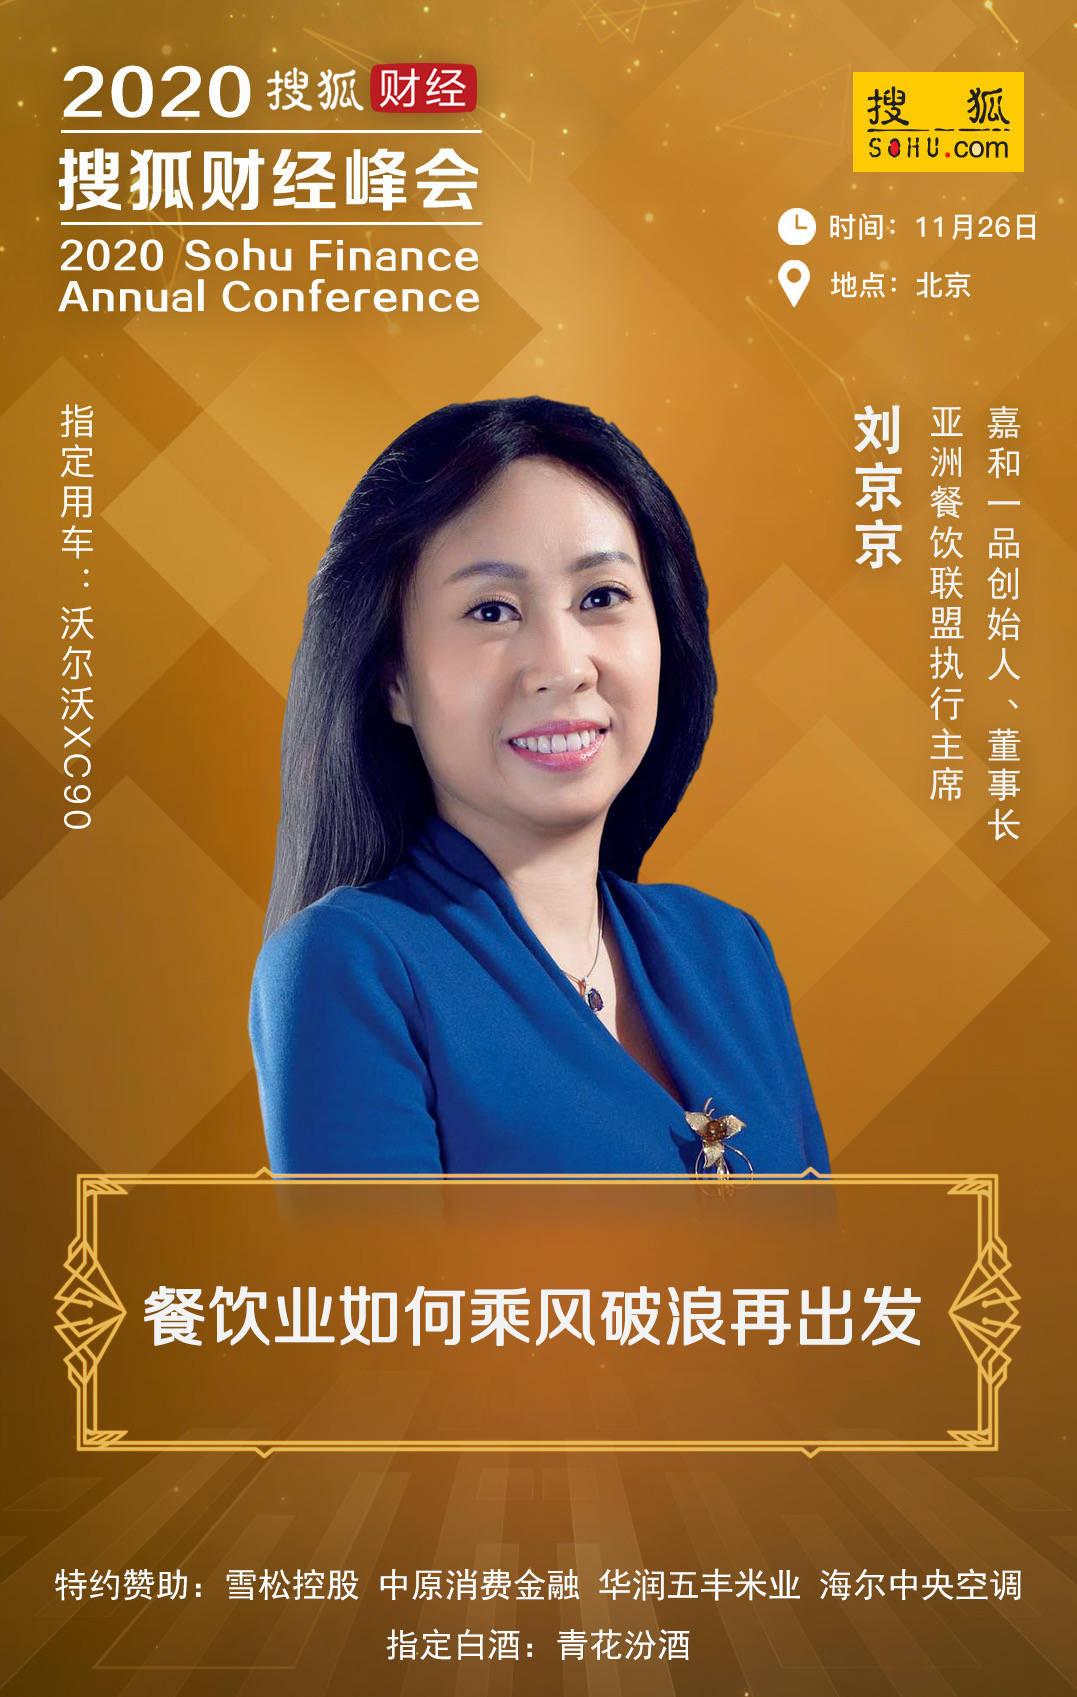 嘉和一品创始人、董事长刘京京 确认出席2020搜狐财经峰会并作演讲|